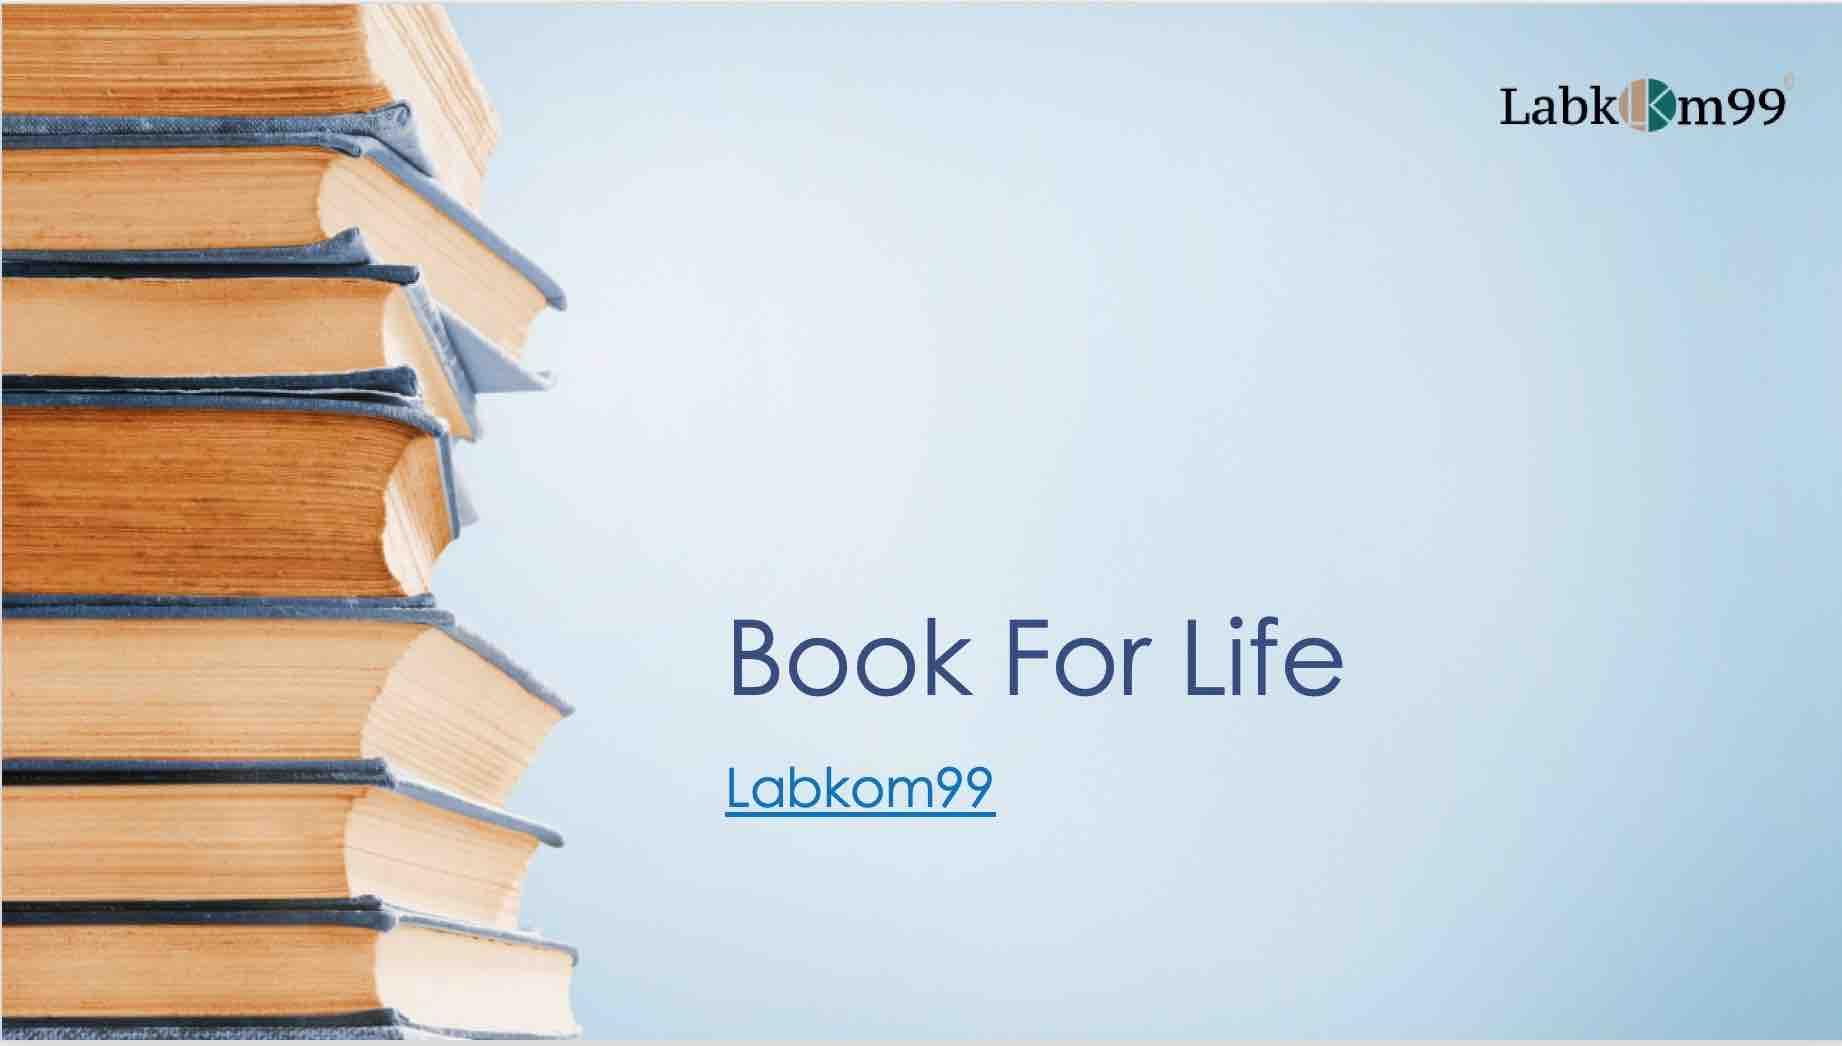 Book - Labkom99